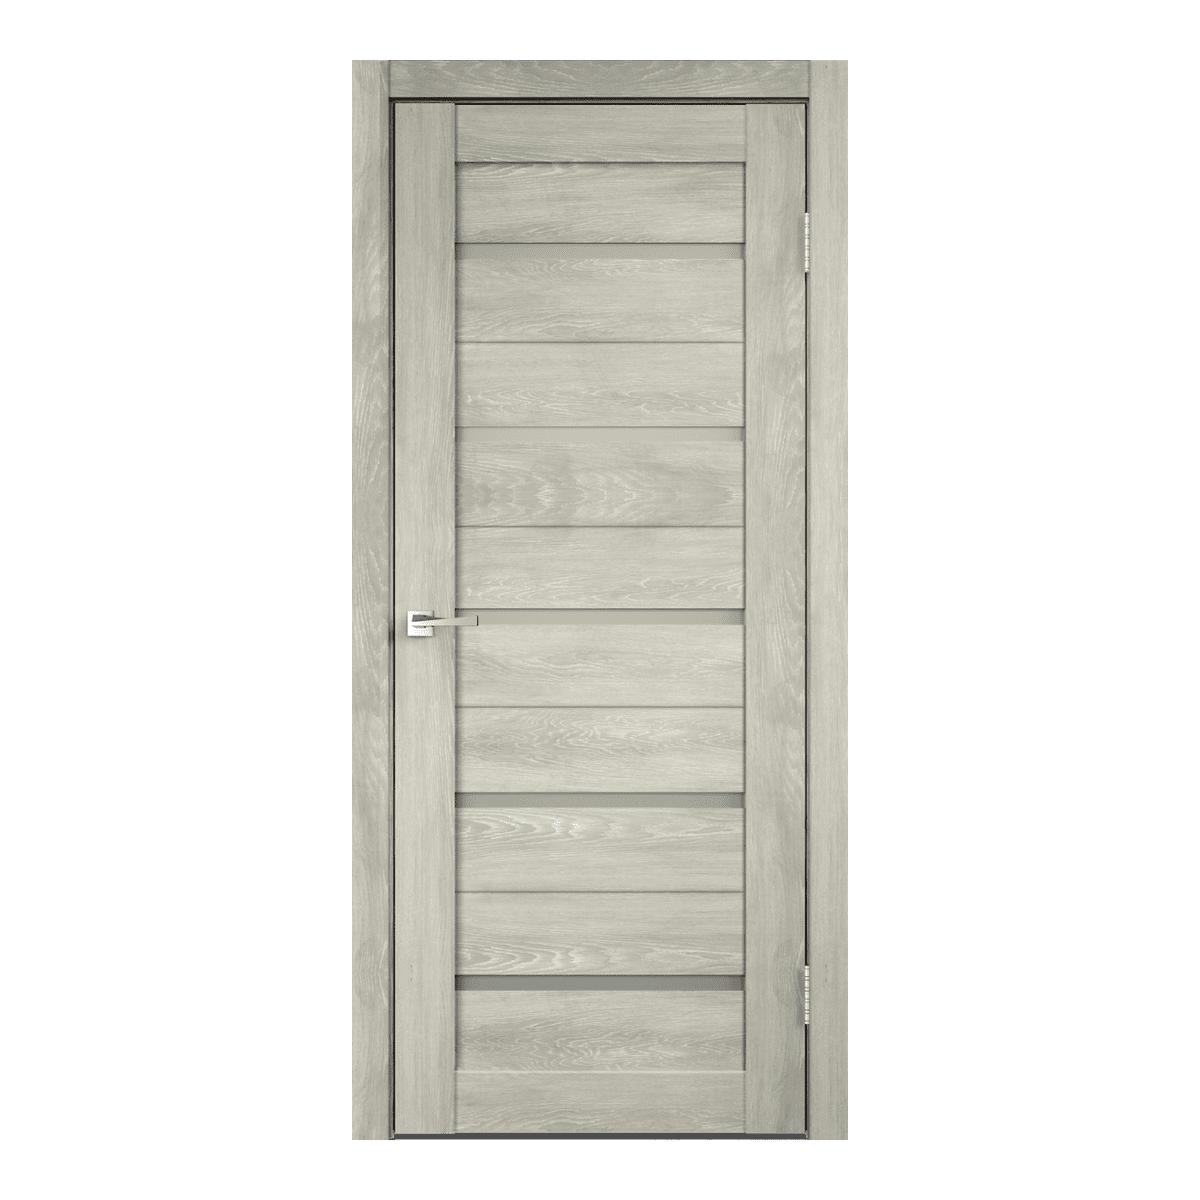 Дверное полотно Duplex ПО Мателюкс 600*2000 дуб шале седой